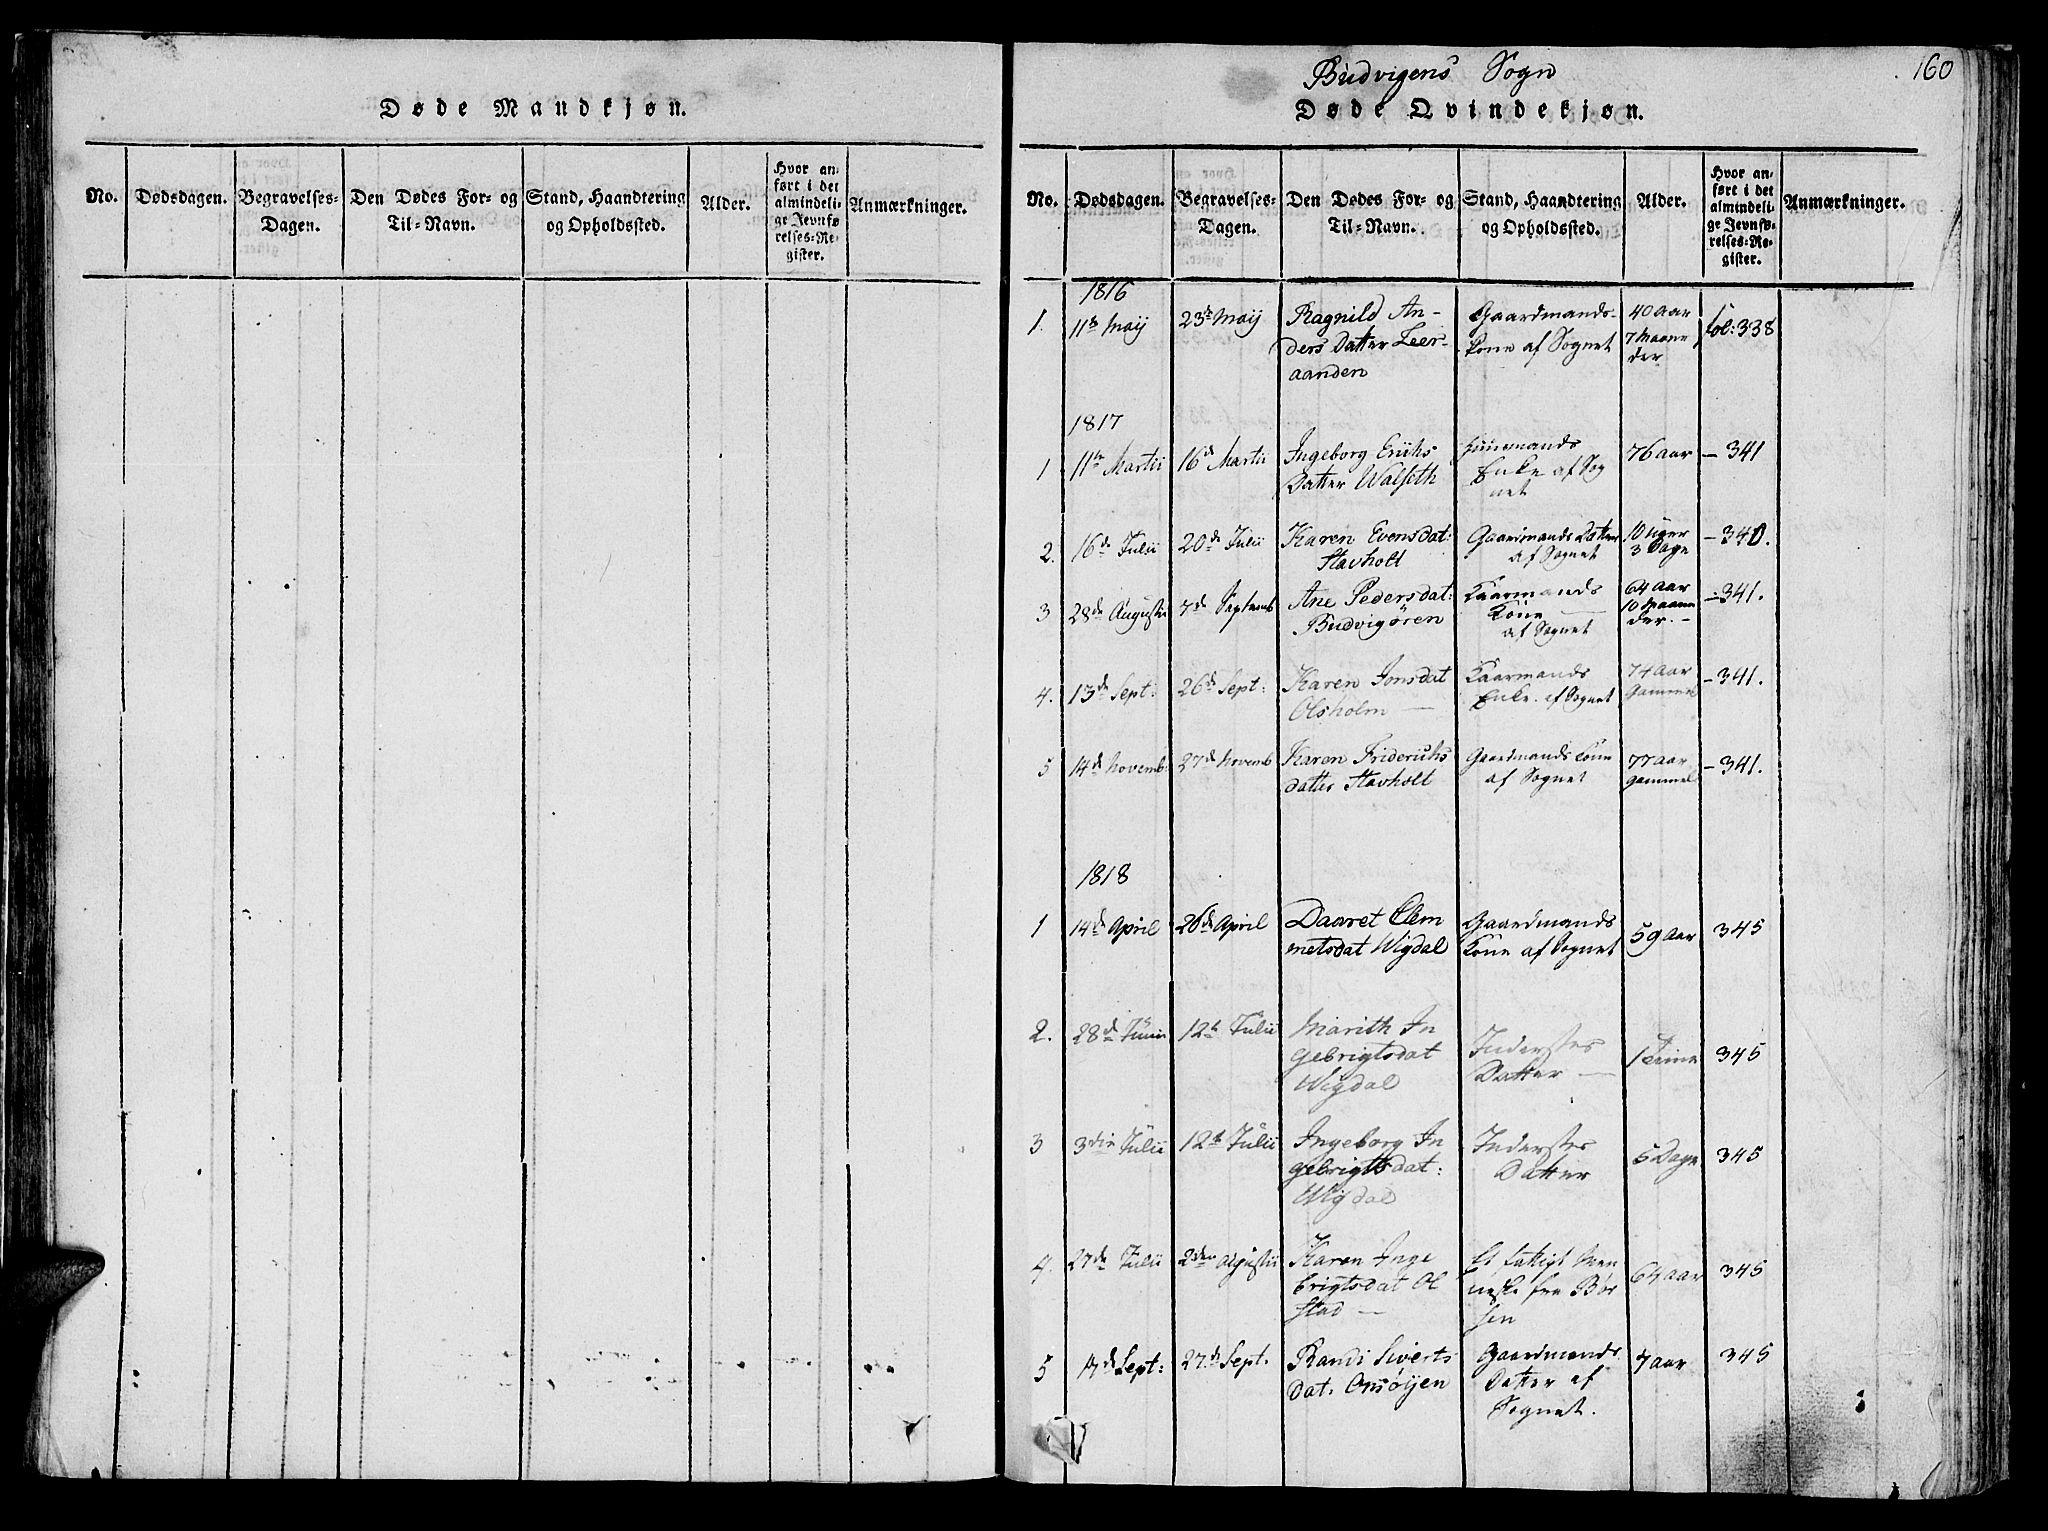 SAT, Ministerialprotokoller, klokkerbøker og fødselsregistre - Sør-Trøndelag, 612/L0373: Ministerialbok nr. 612A06 /2, 1816-1828, s. 160